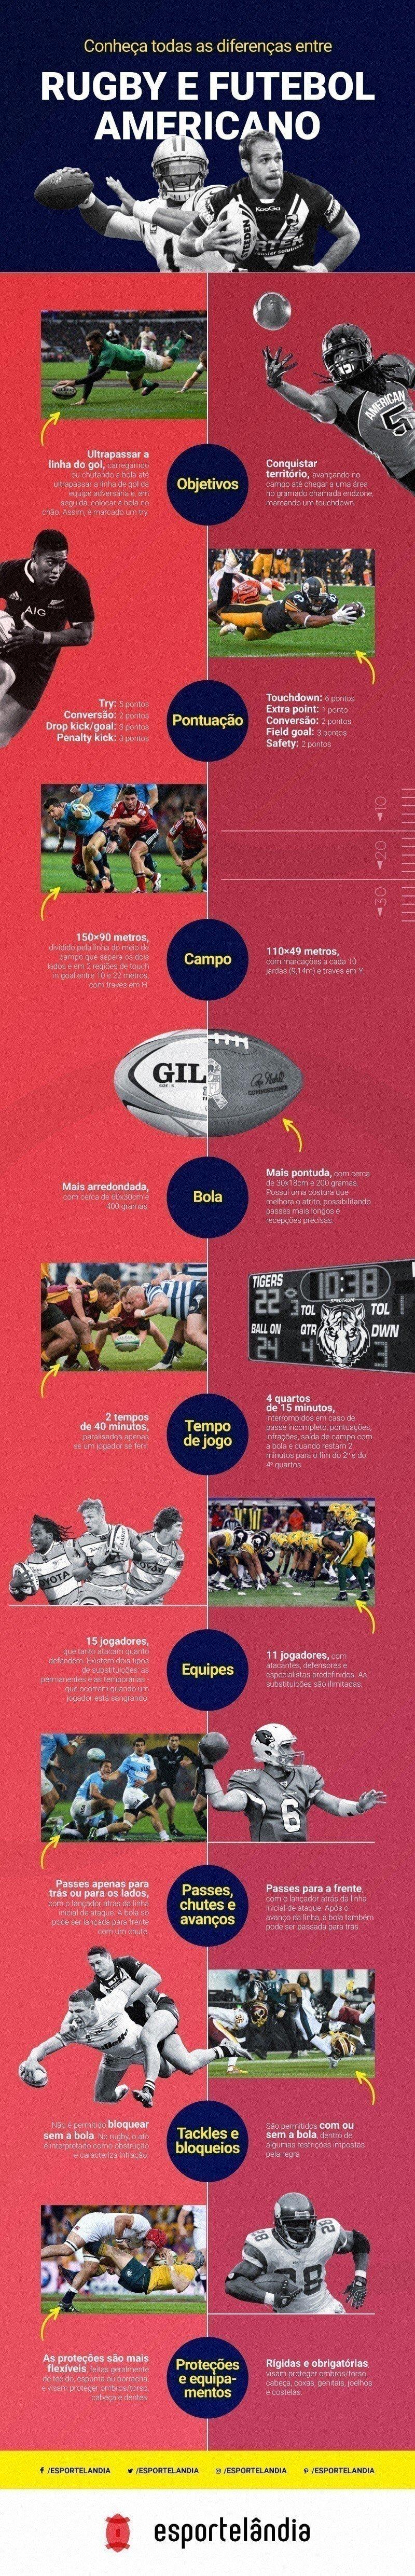 Diferenças entre rugby e futebol americano